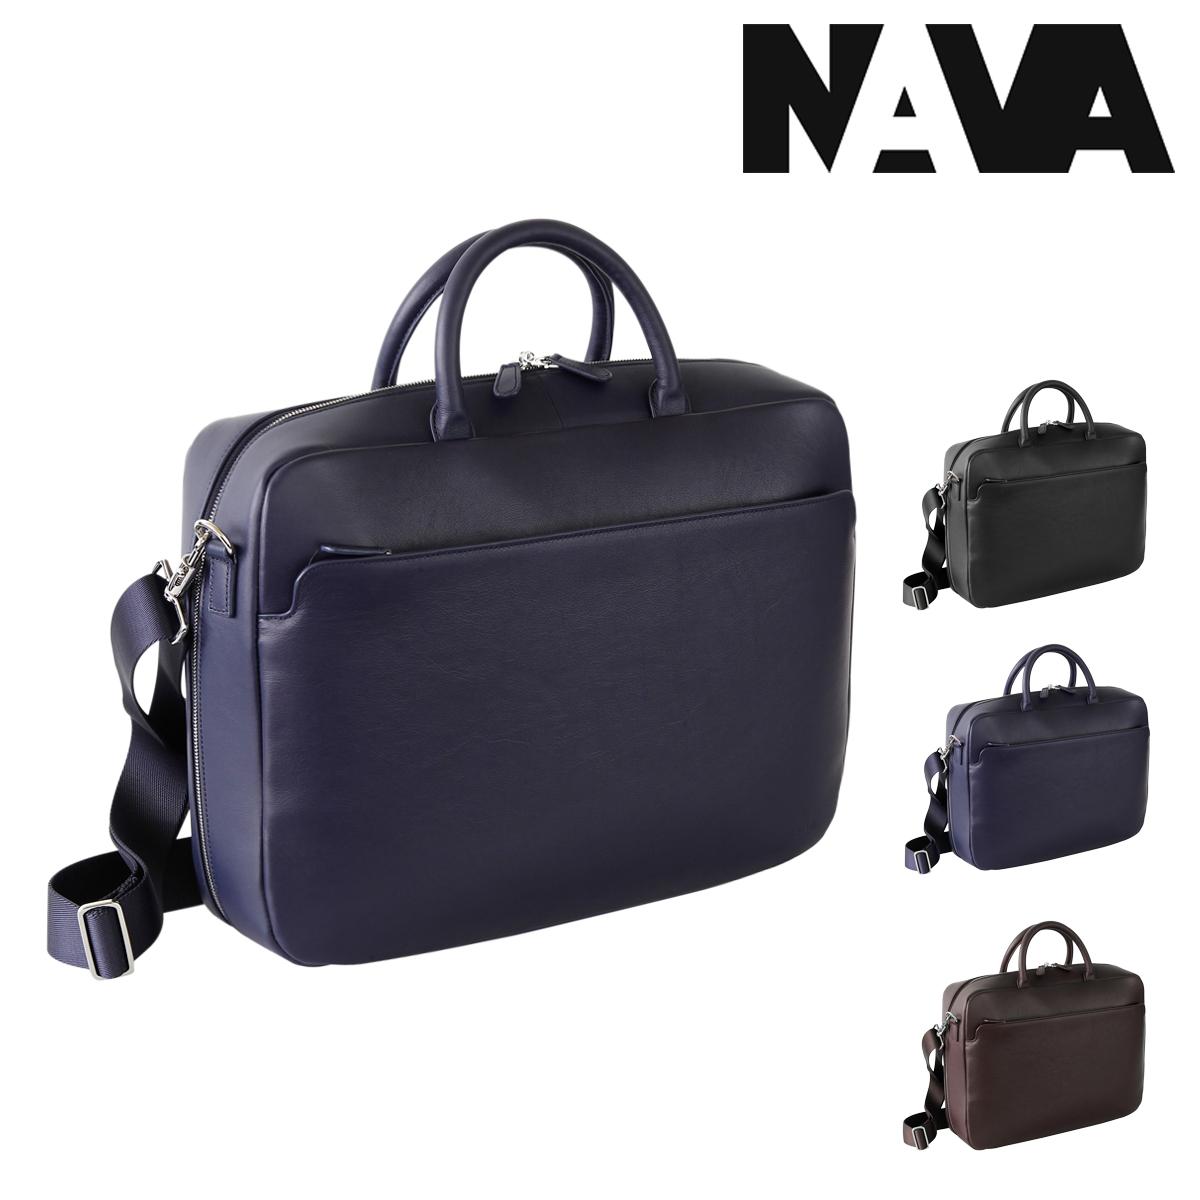 NAVA design ブリーフケース 2WAY A4 ミラノ メンズ MI084 ナヴァデザイン MILANO | ビジネスバッグ ショルダーバッグ PCケース 15インチ 本革[PO10][bef][即日発送]